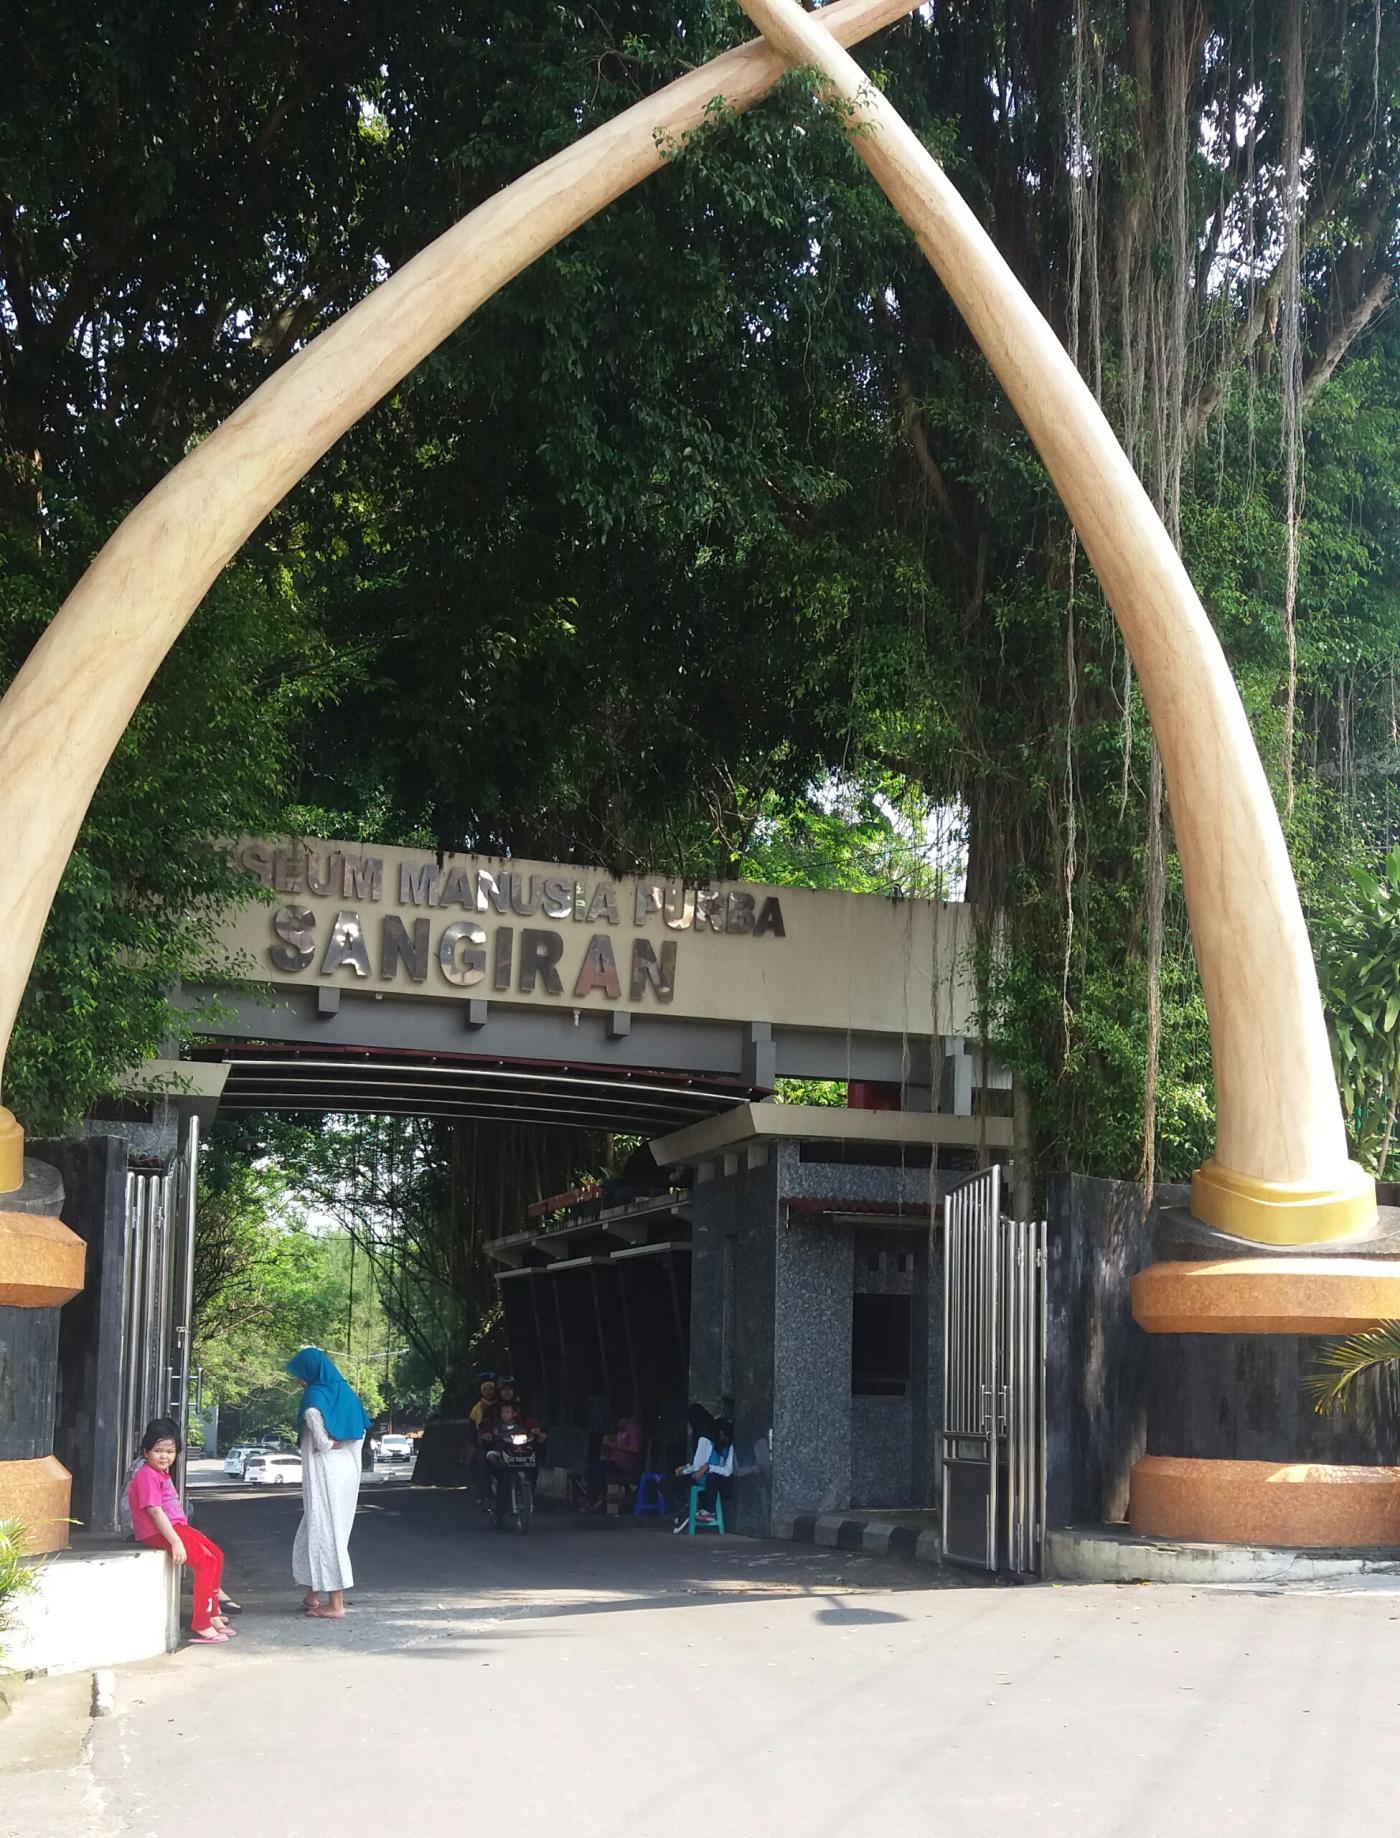 Musium Purbakala Sangiran Achlegowo Wisata Museum Prasejarah Kab Sragen